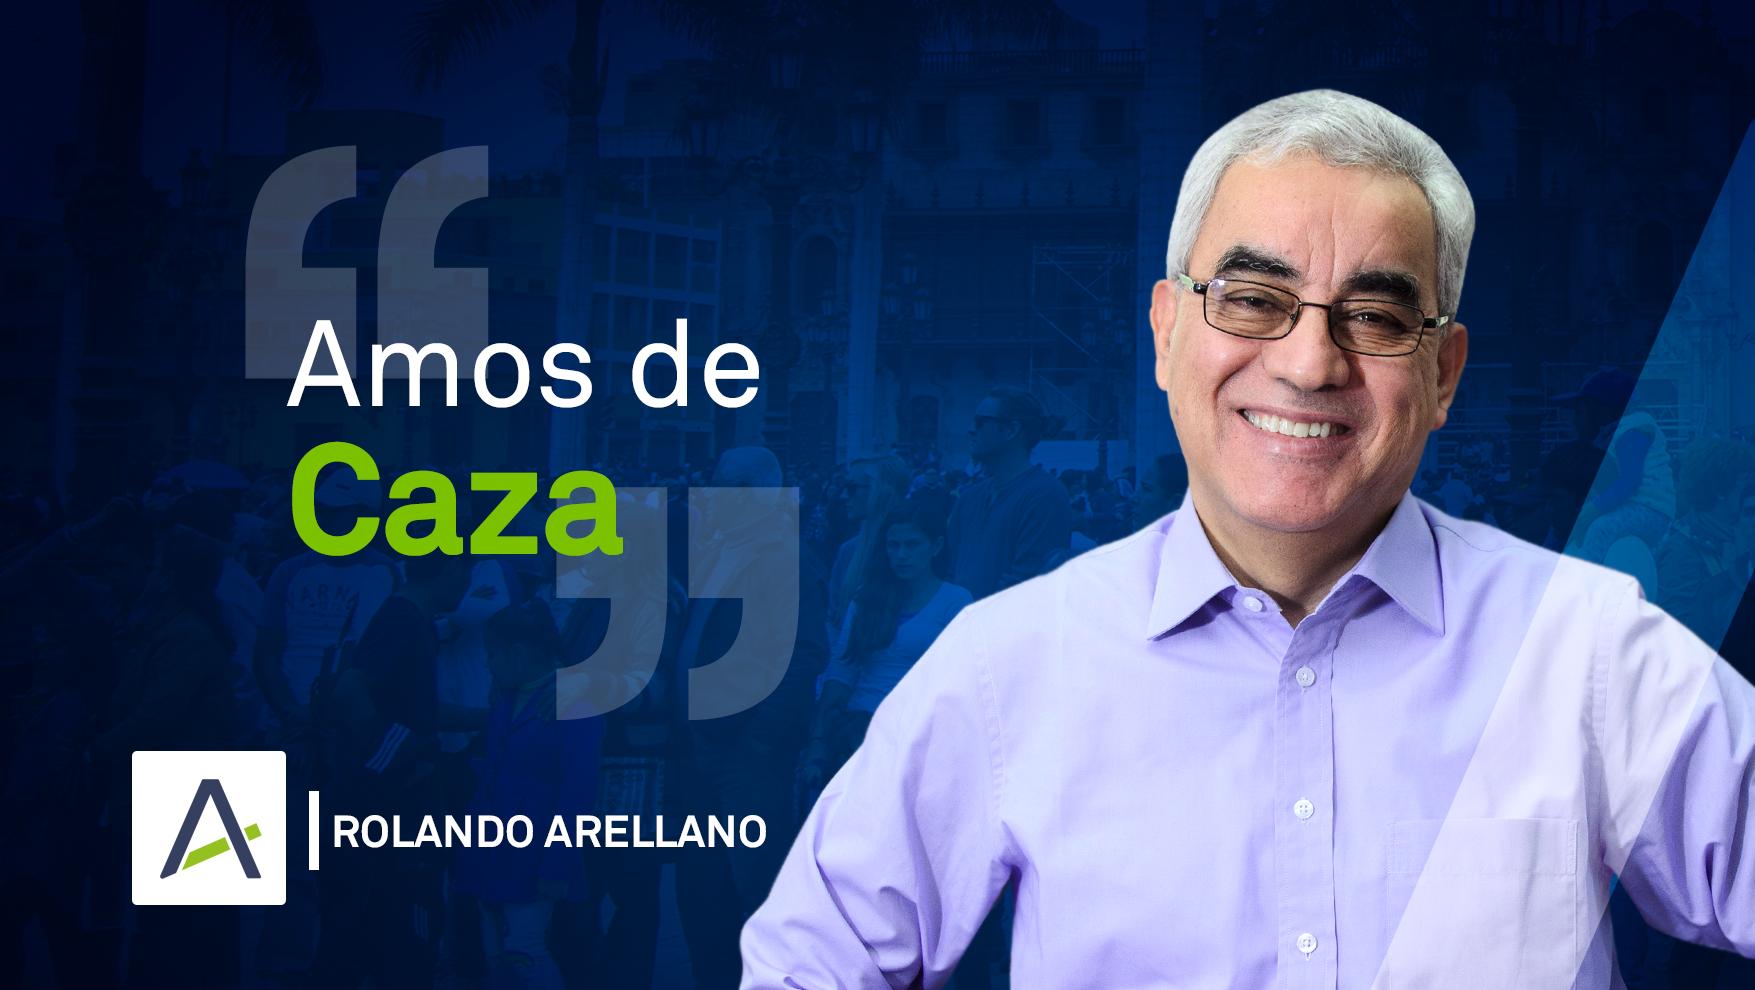 Rolando Arellano 10-06-19